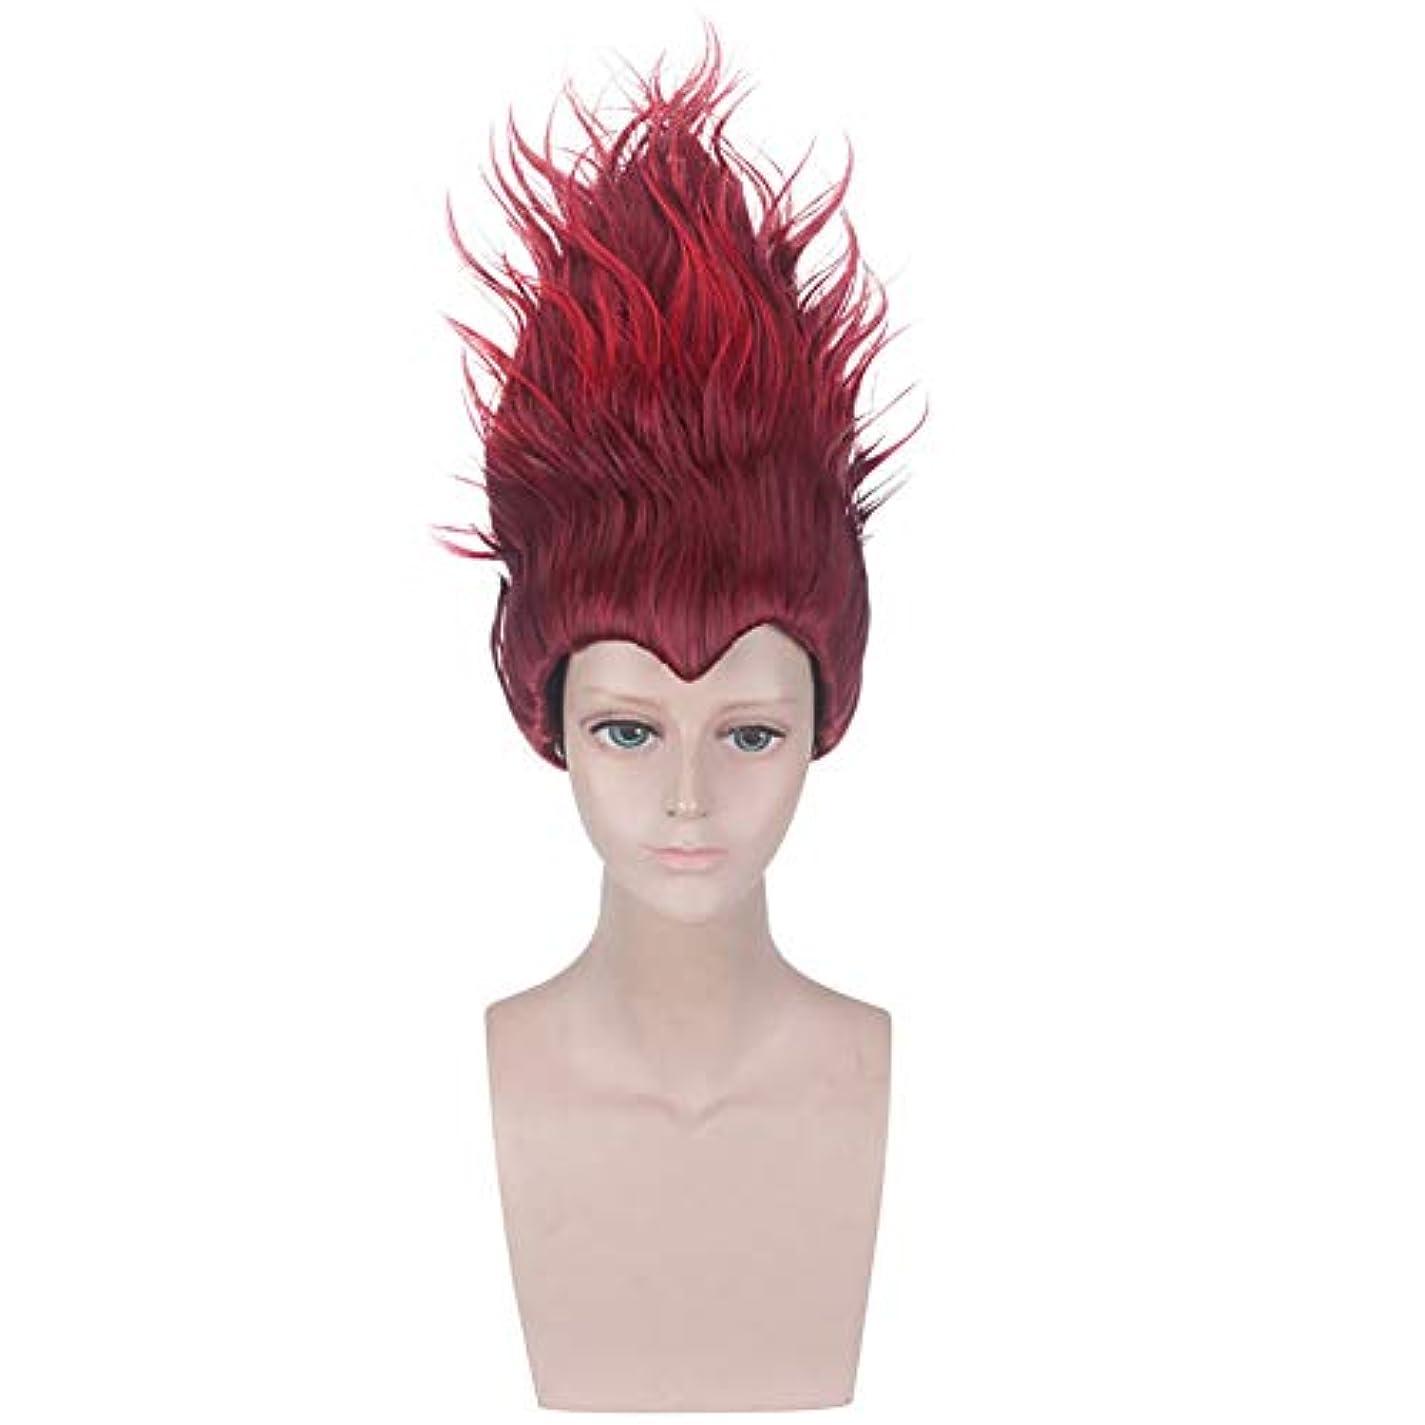 ヶ月目うそつき南西パーティーウィッグショートブラックレッドメンズ人工毛ウィッグを再生ウィッグの役割,赤